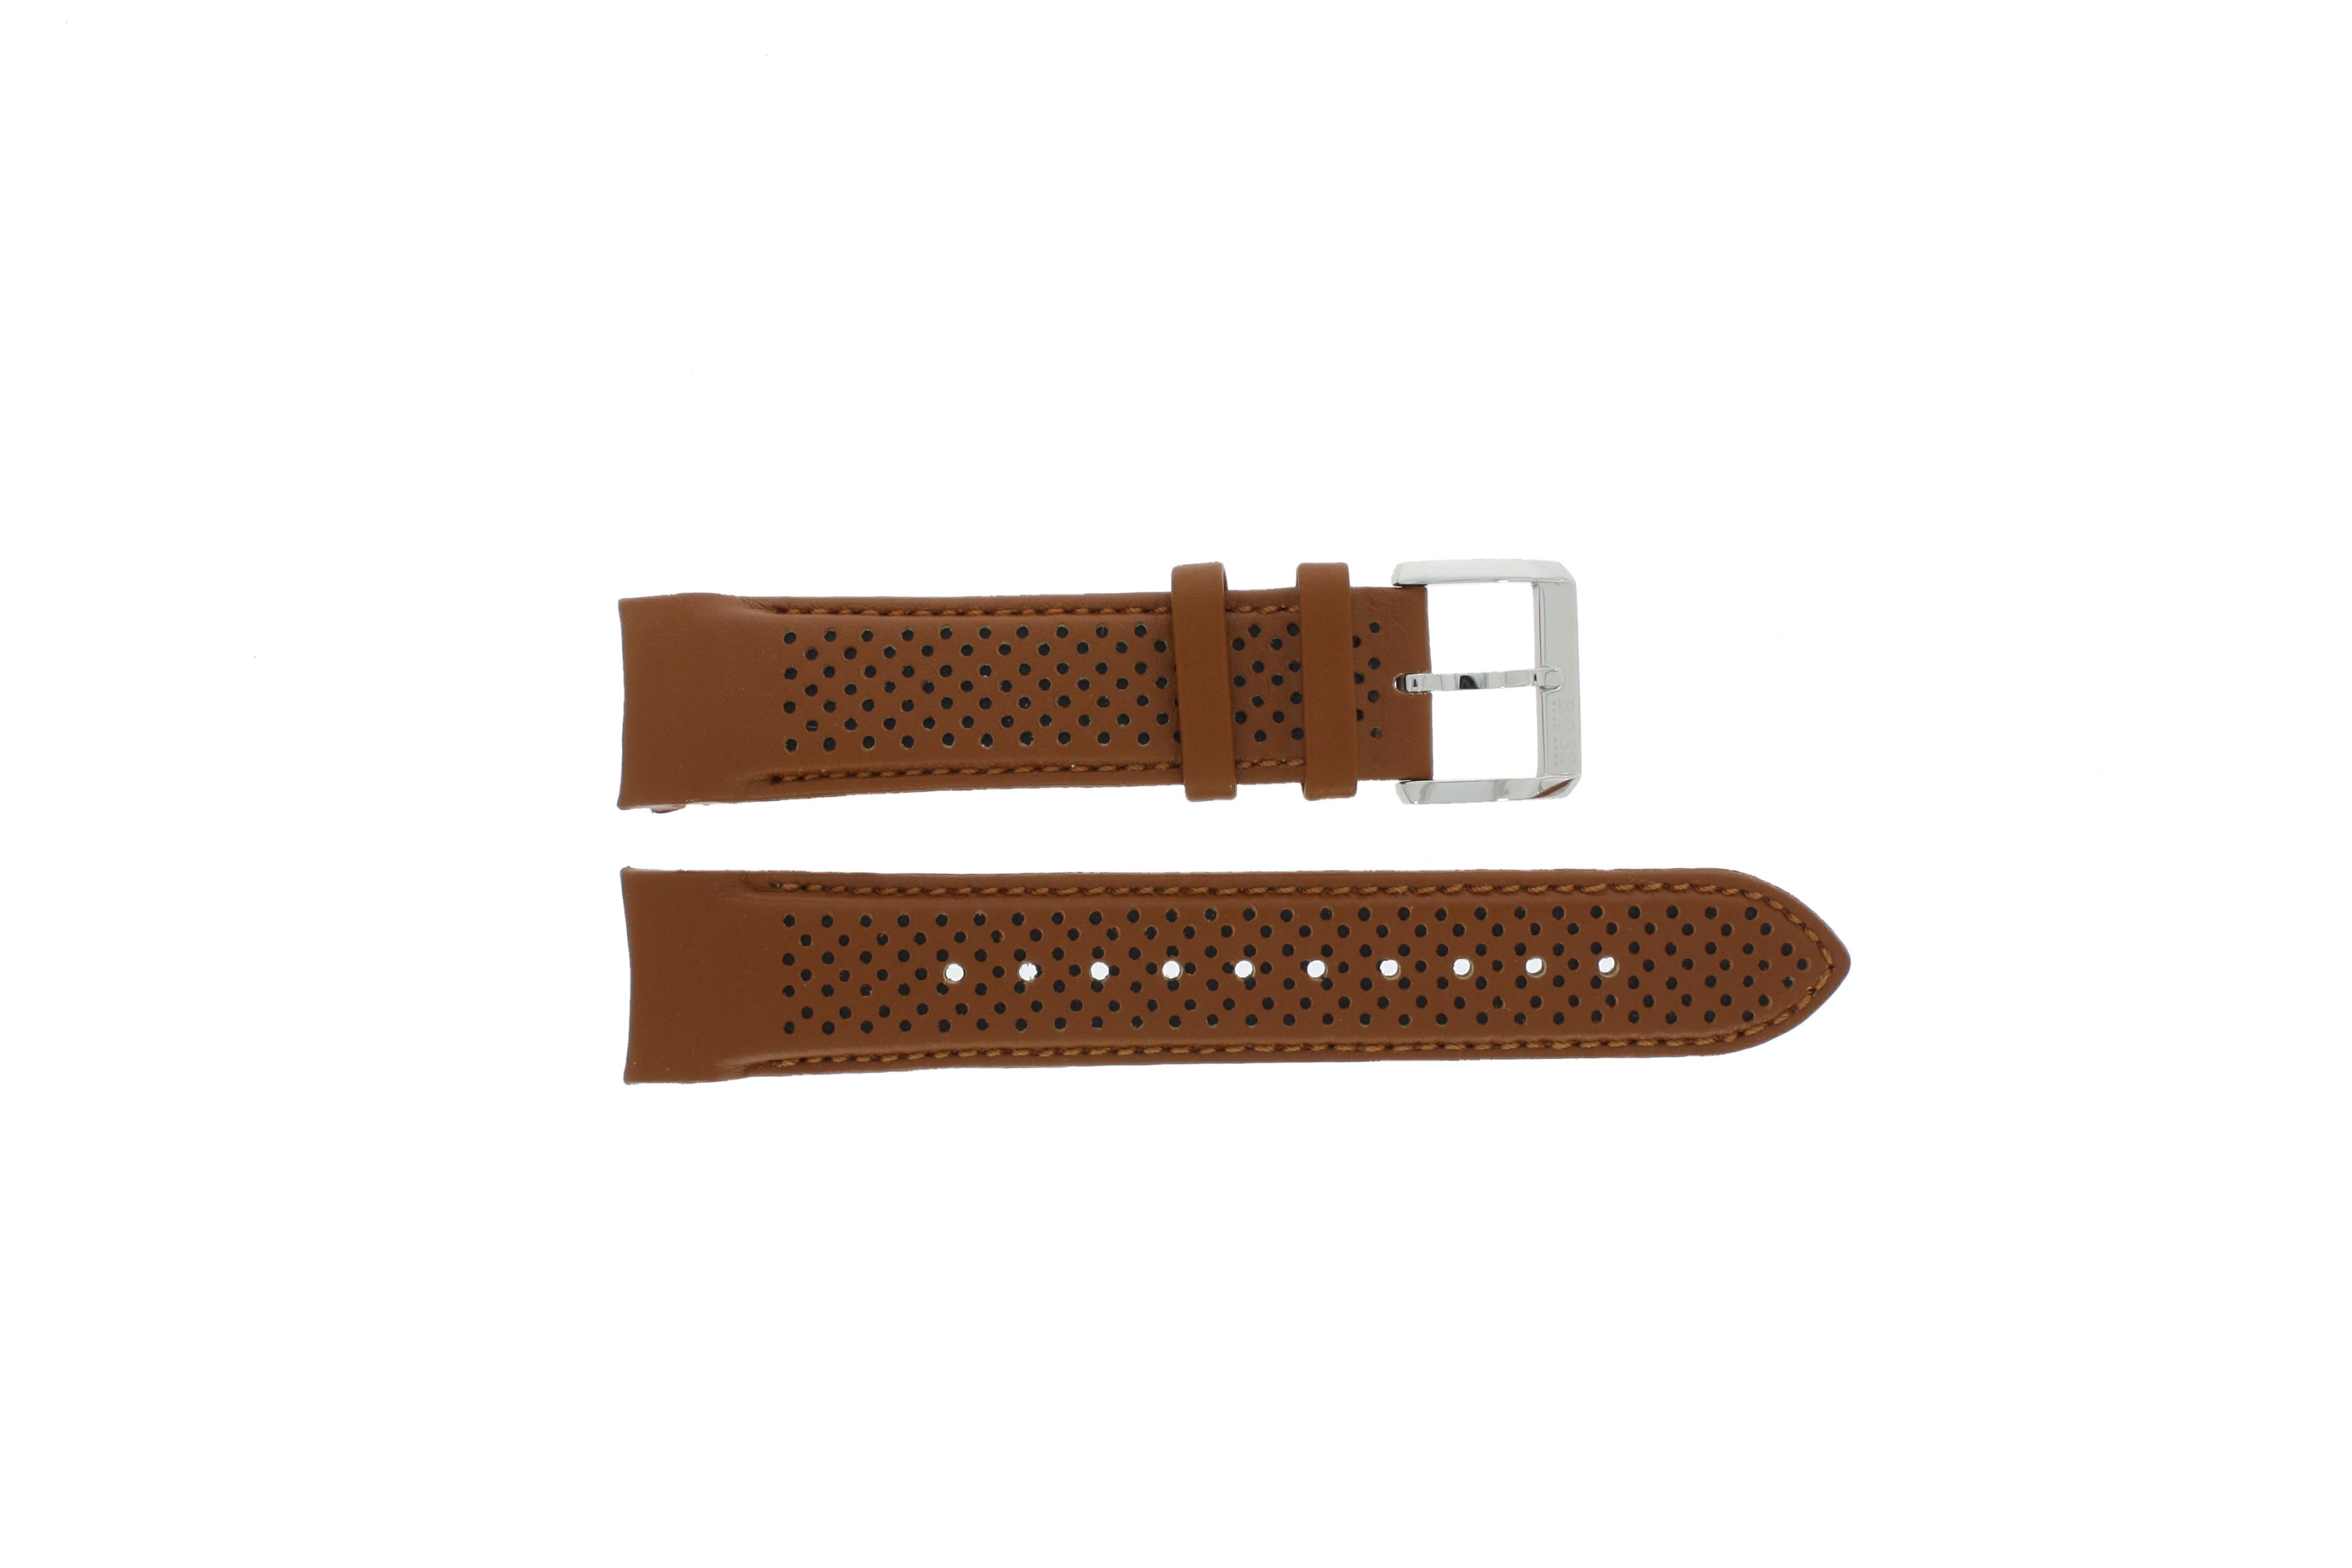 Hugo Boss horlogeband HB-188-1-14-2672 / HB1513118 Leder Cognac 22mm + bruin stiksel